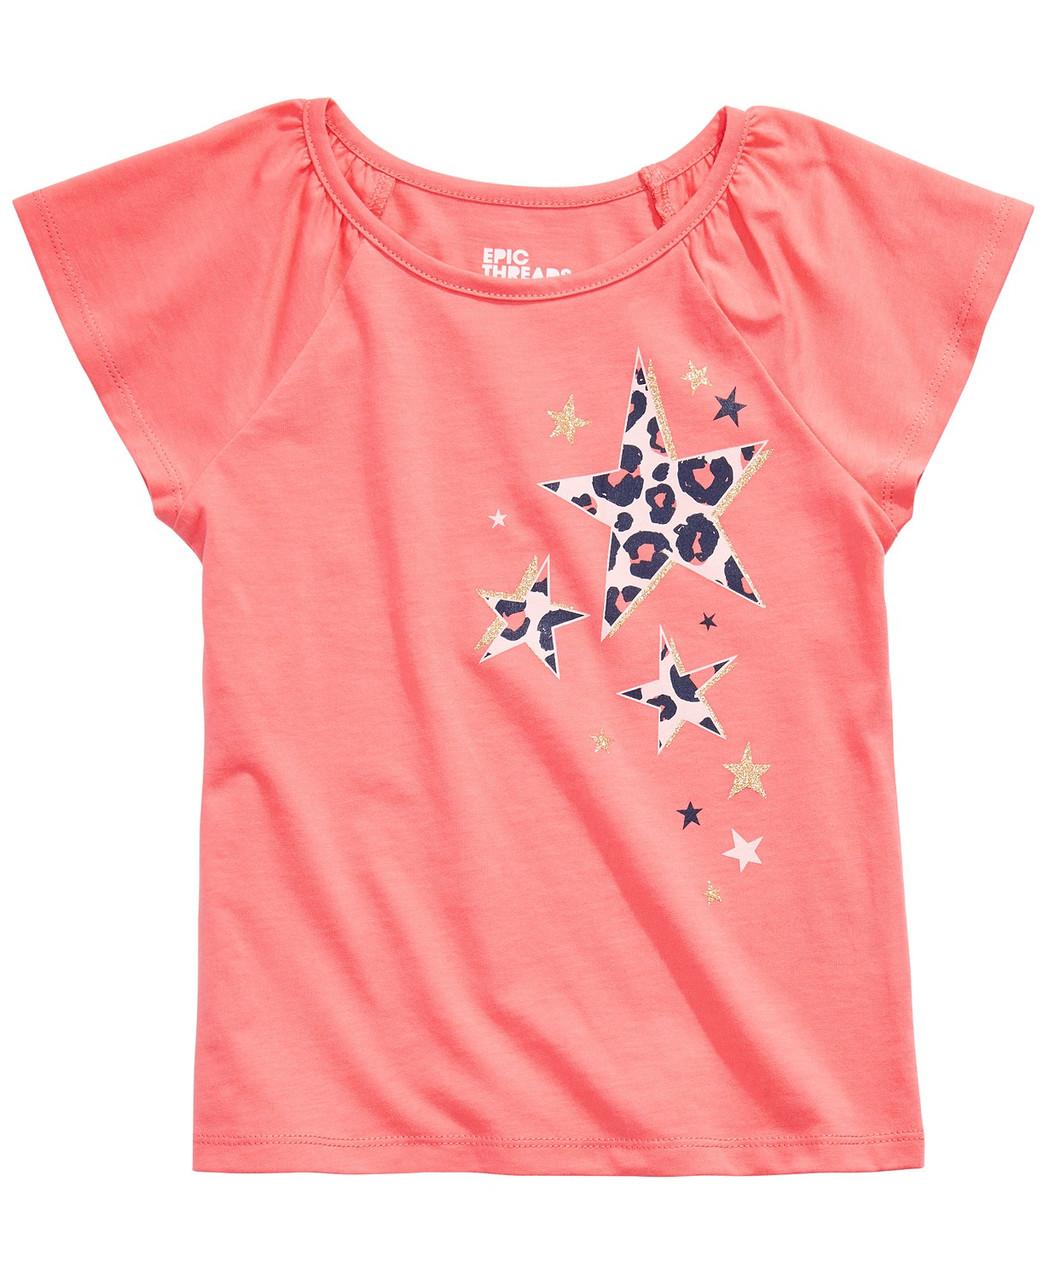 Epic Threads Детская футболка для девочек 2000000404523